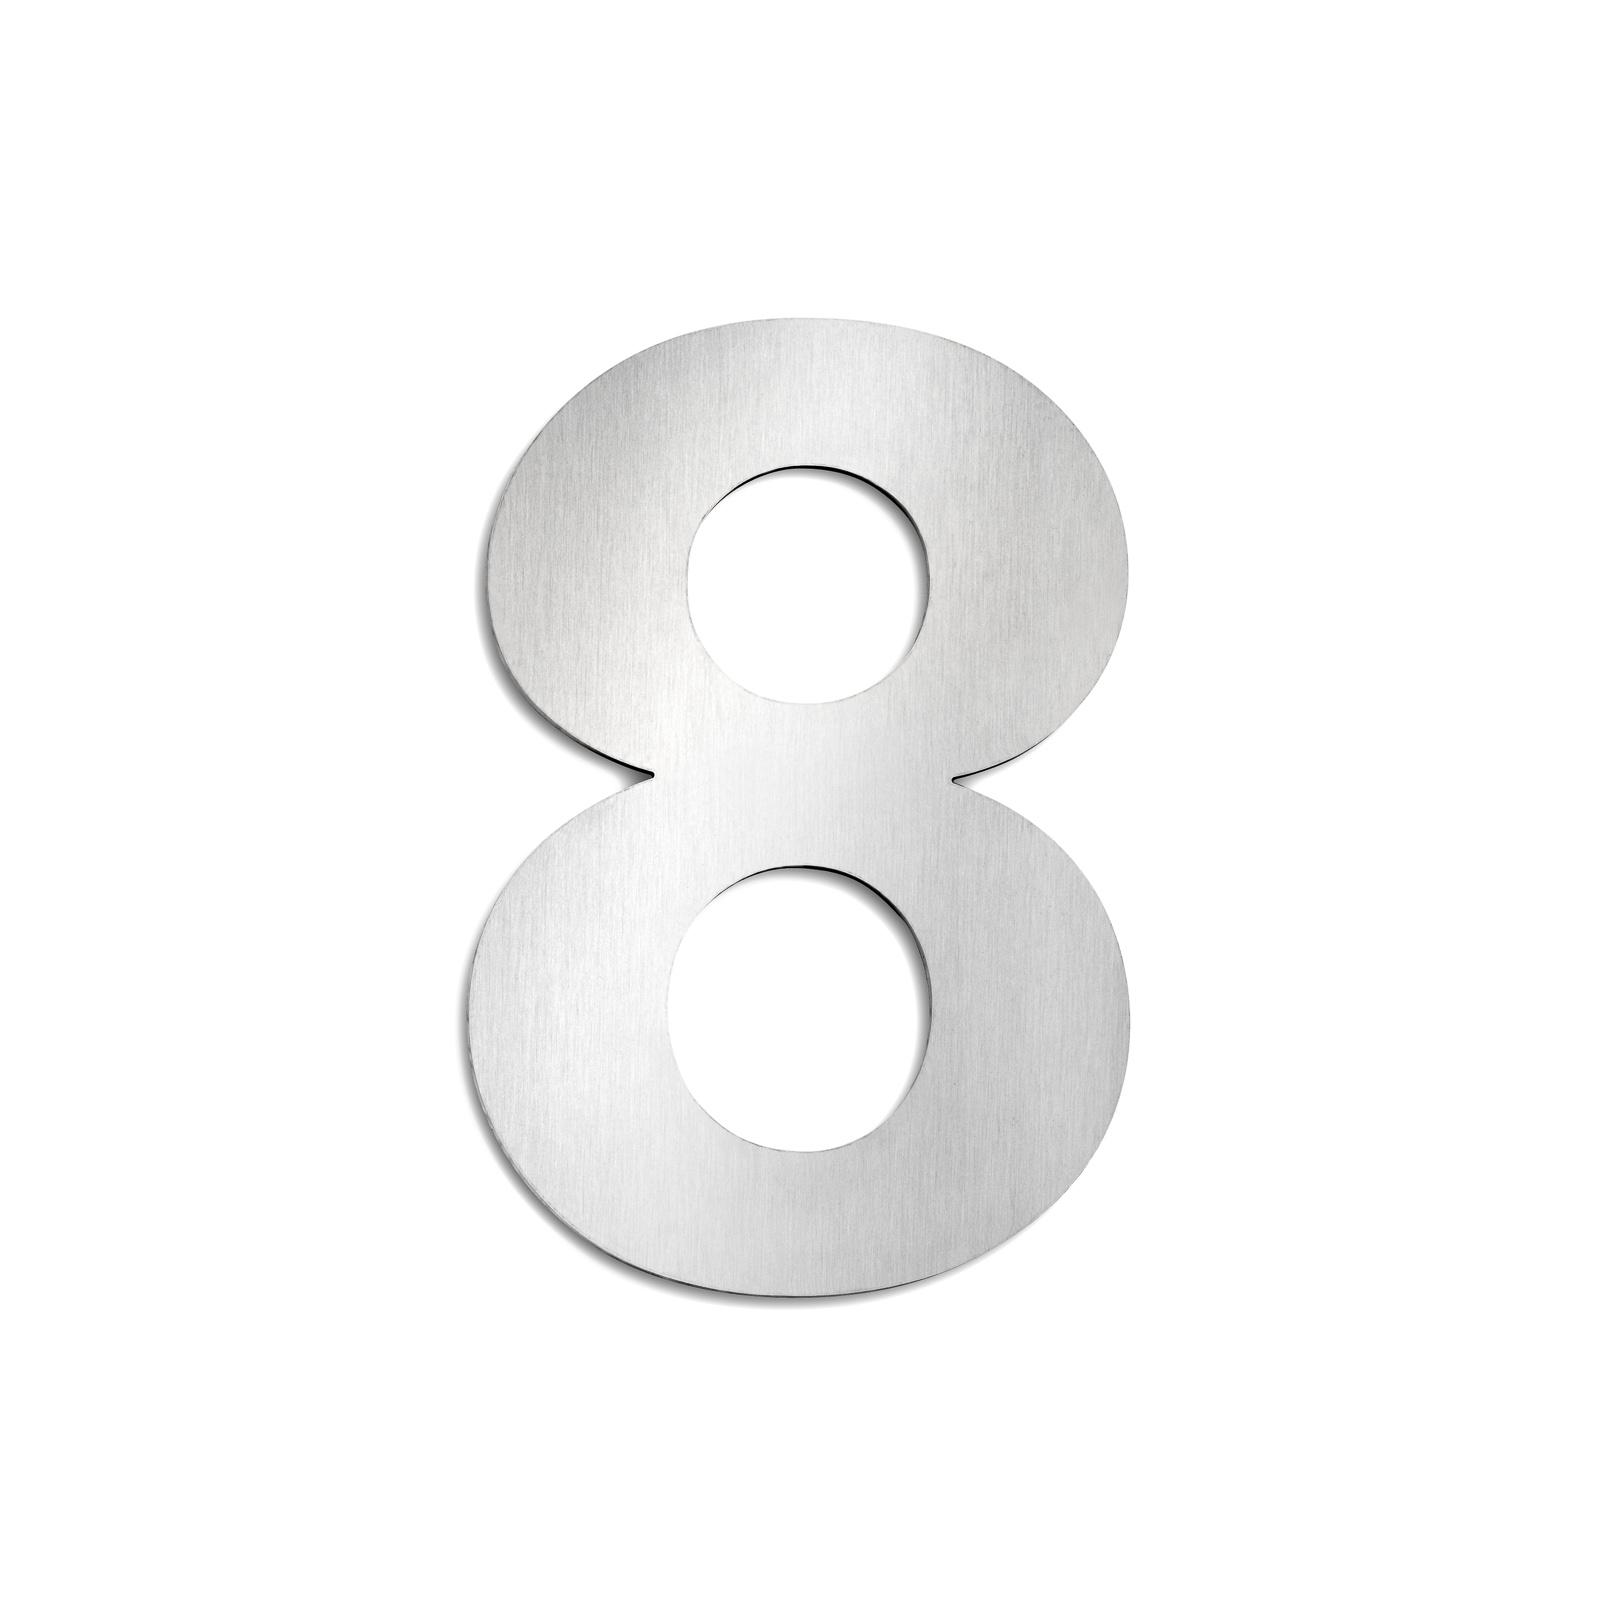 Domovní čísla z ušlechtilé oceli velikost 8